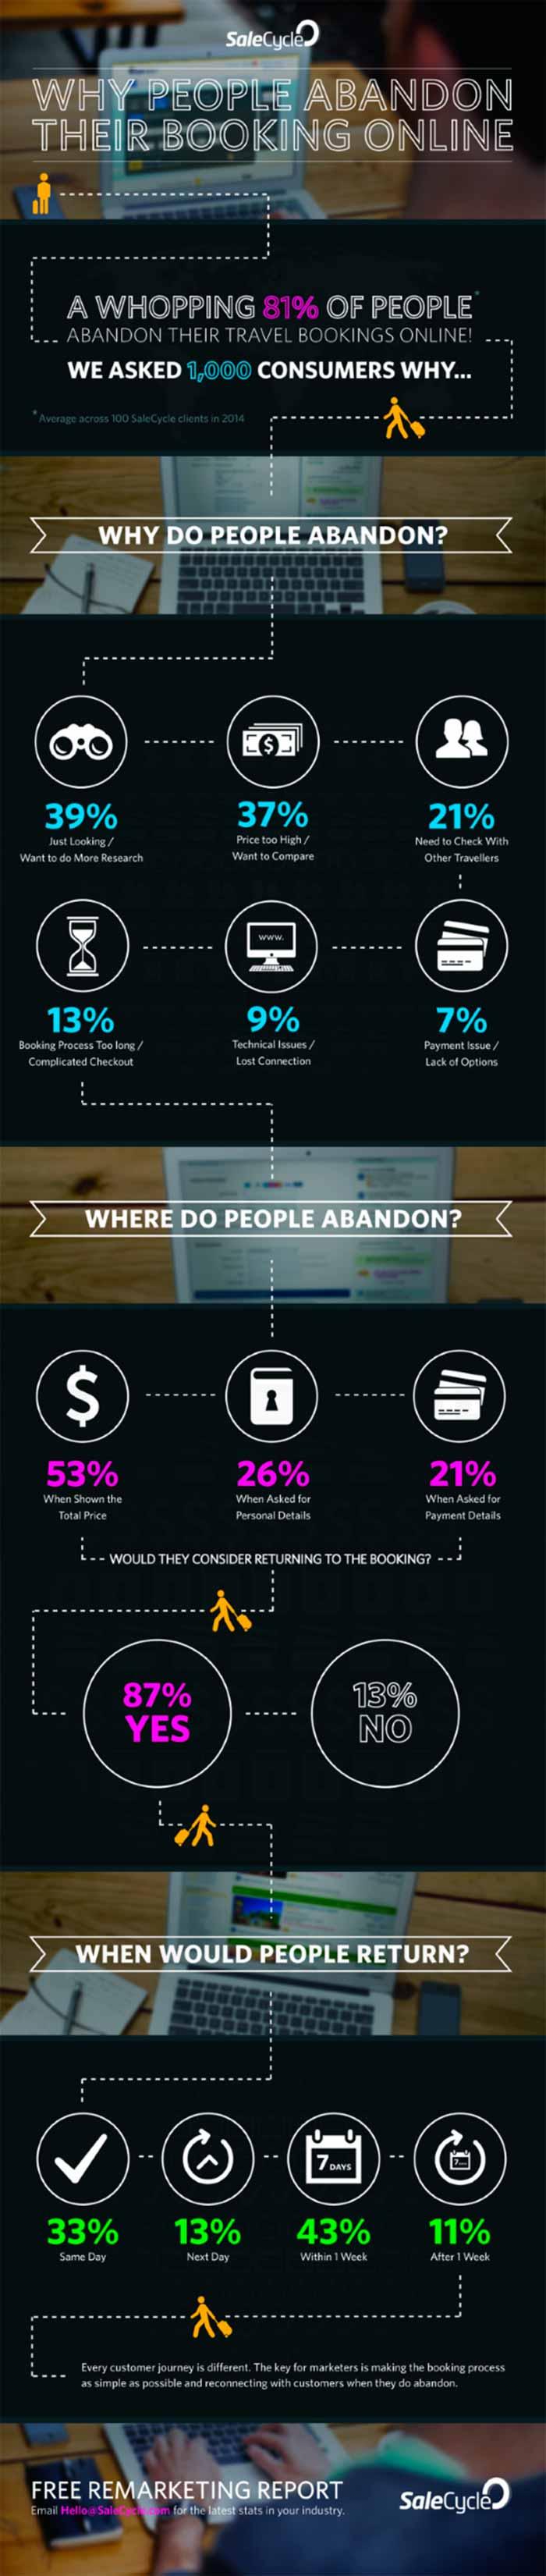 Infografia sobre por que la gente abandona un rpoceso de compra